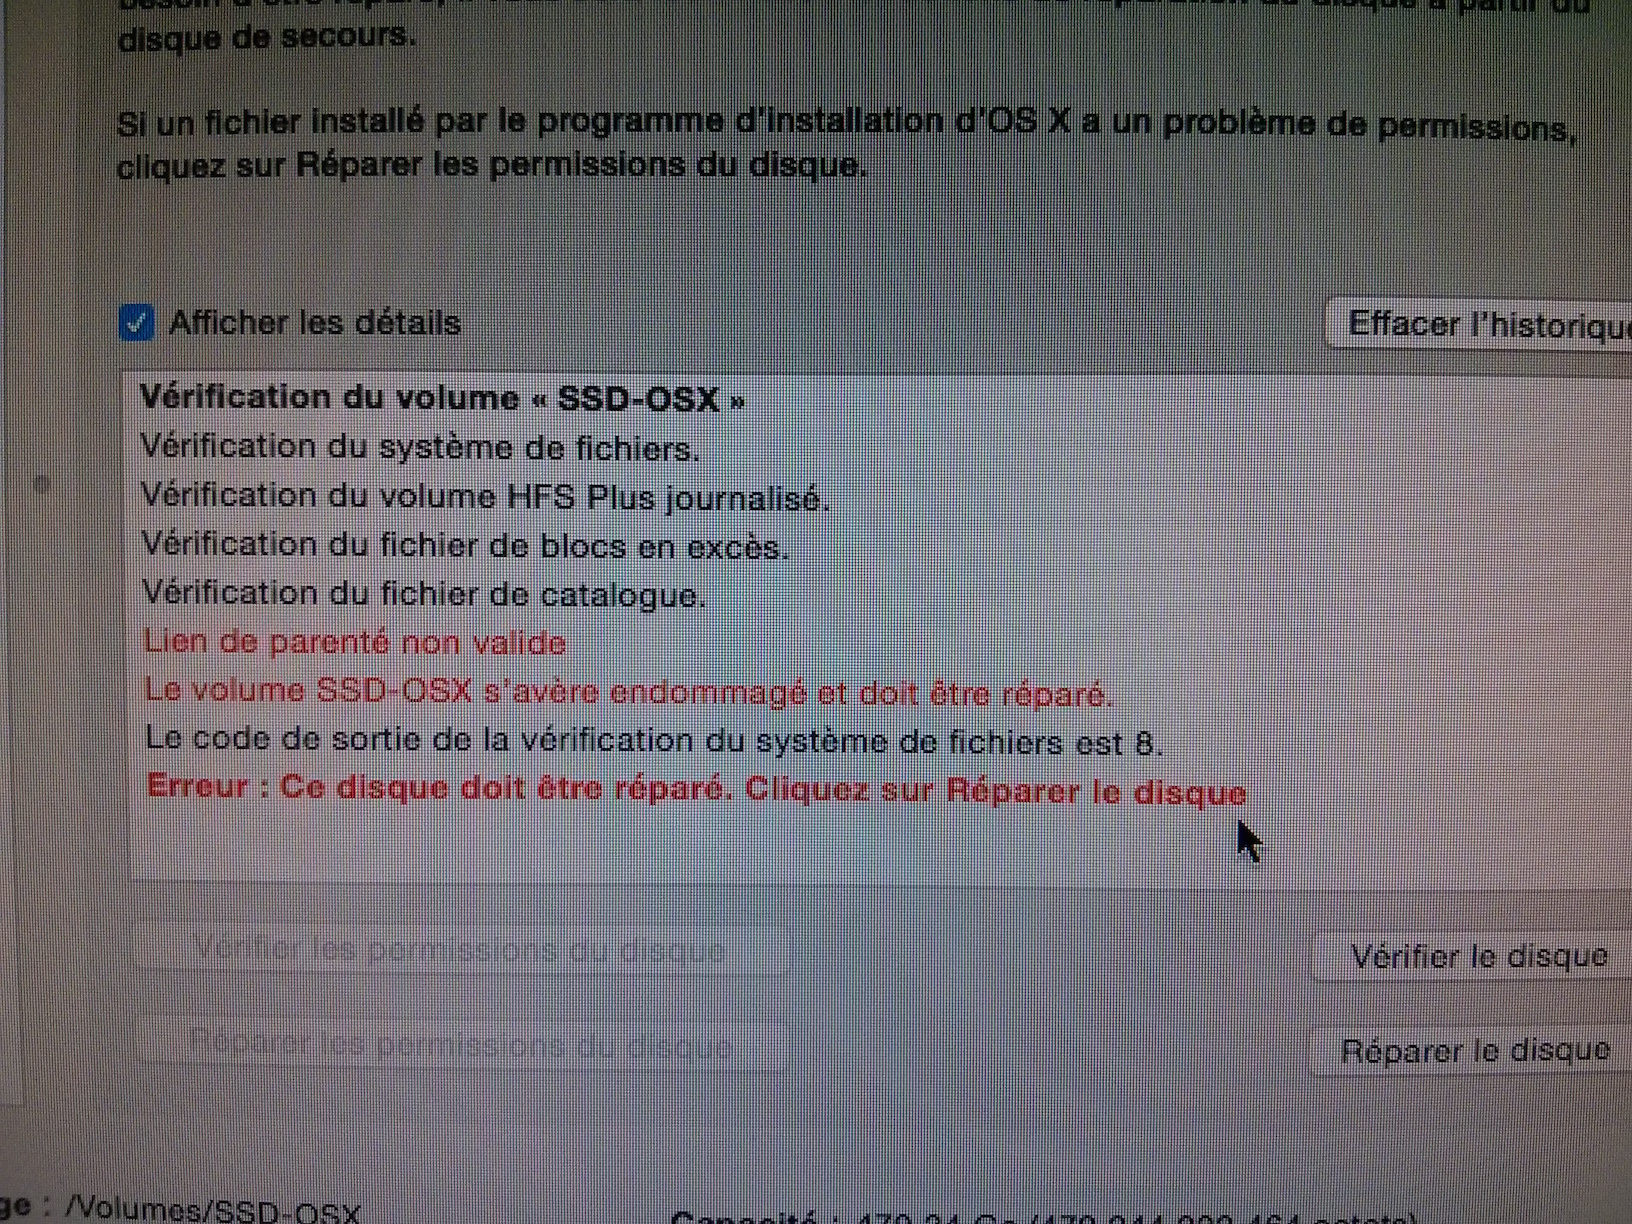 [Résolu] Soucis avec Clover ou OSX : écran noir au boot 3112a2a7689080246253aaa00c0fa05b8e3bd147